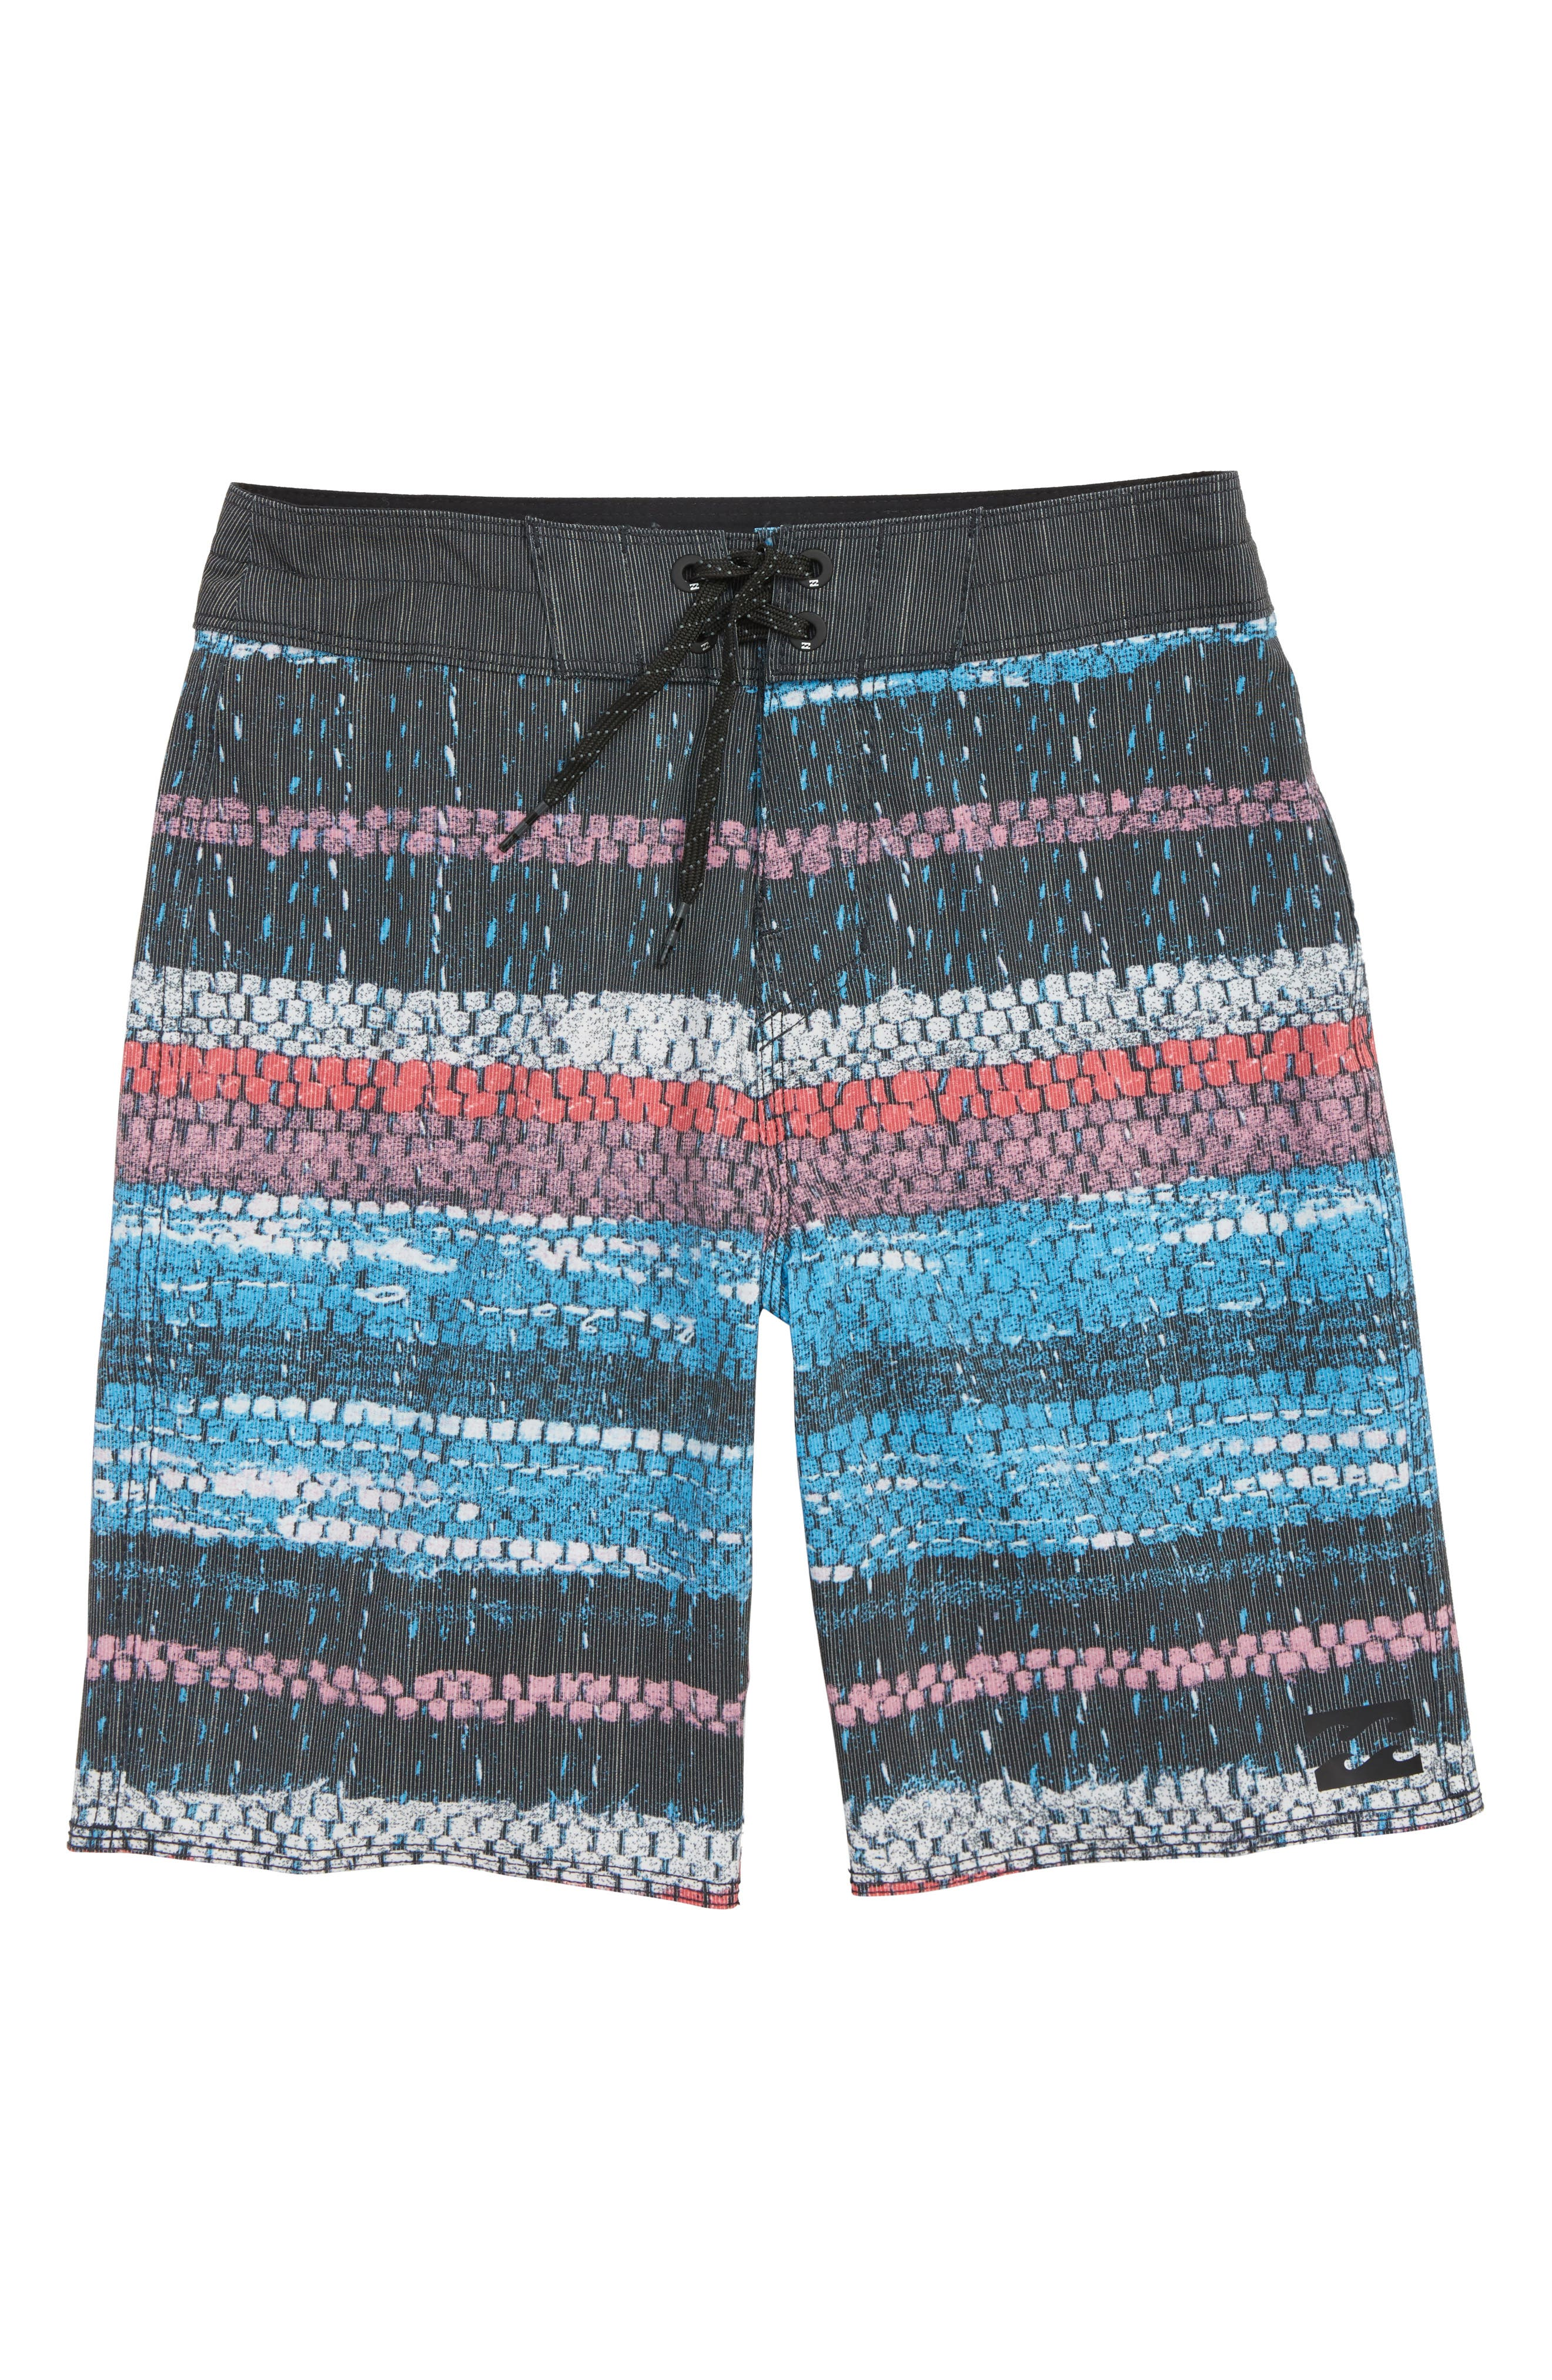 Sundays X Board Shorts,                         Main,                         color, BLUE STRIPE